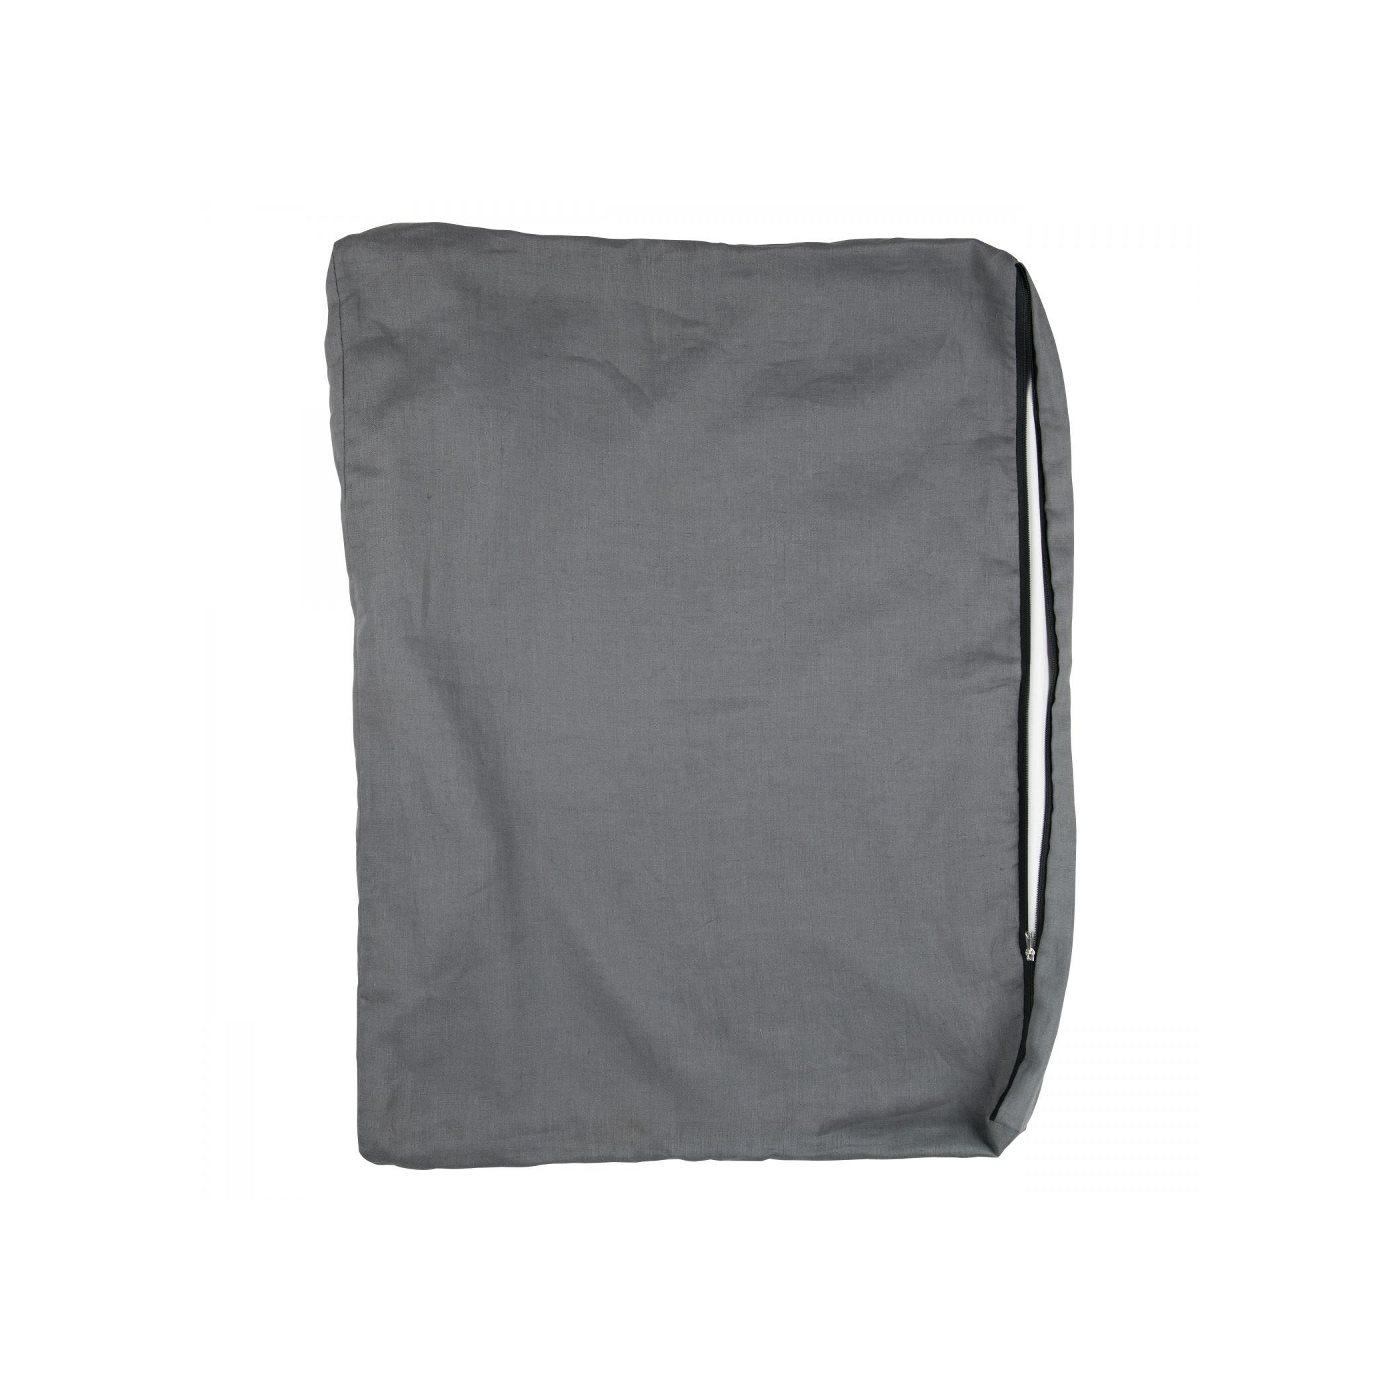 Skötbädd överdrag | Graphite grey | Mood, NG Baby